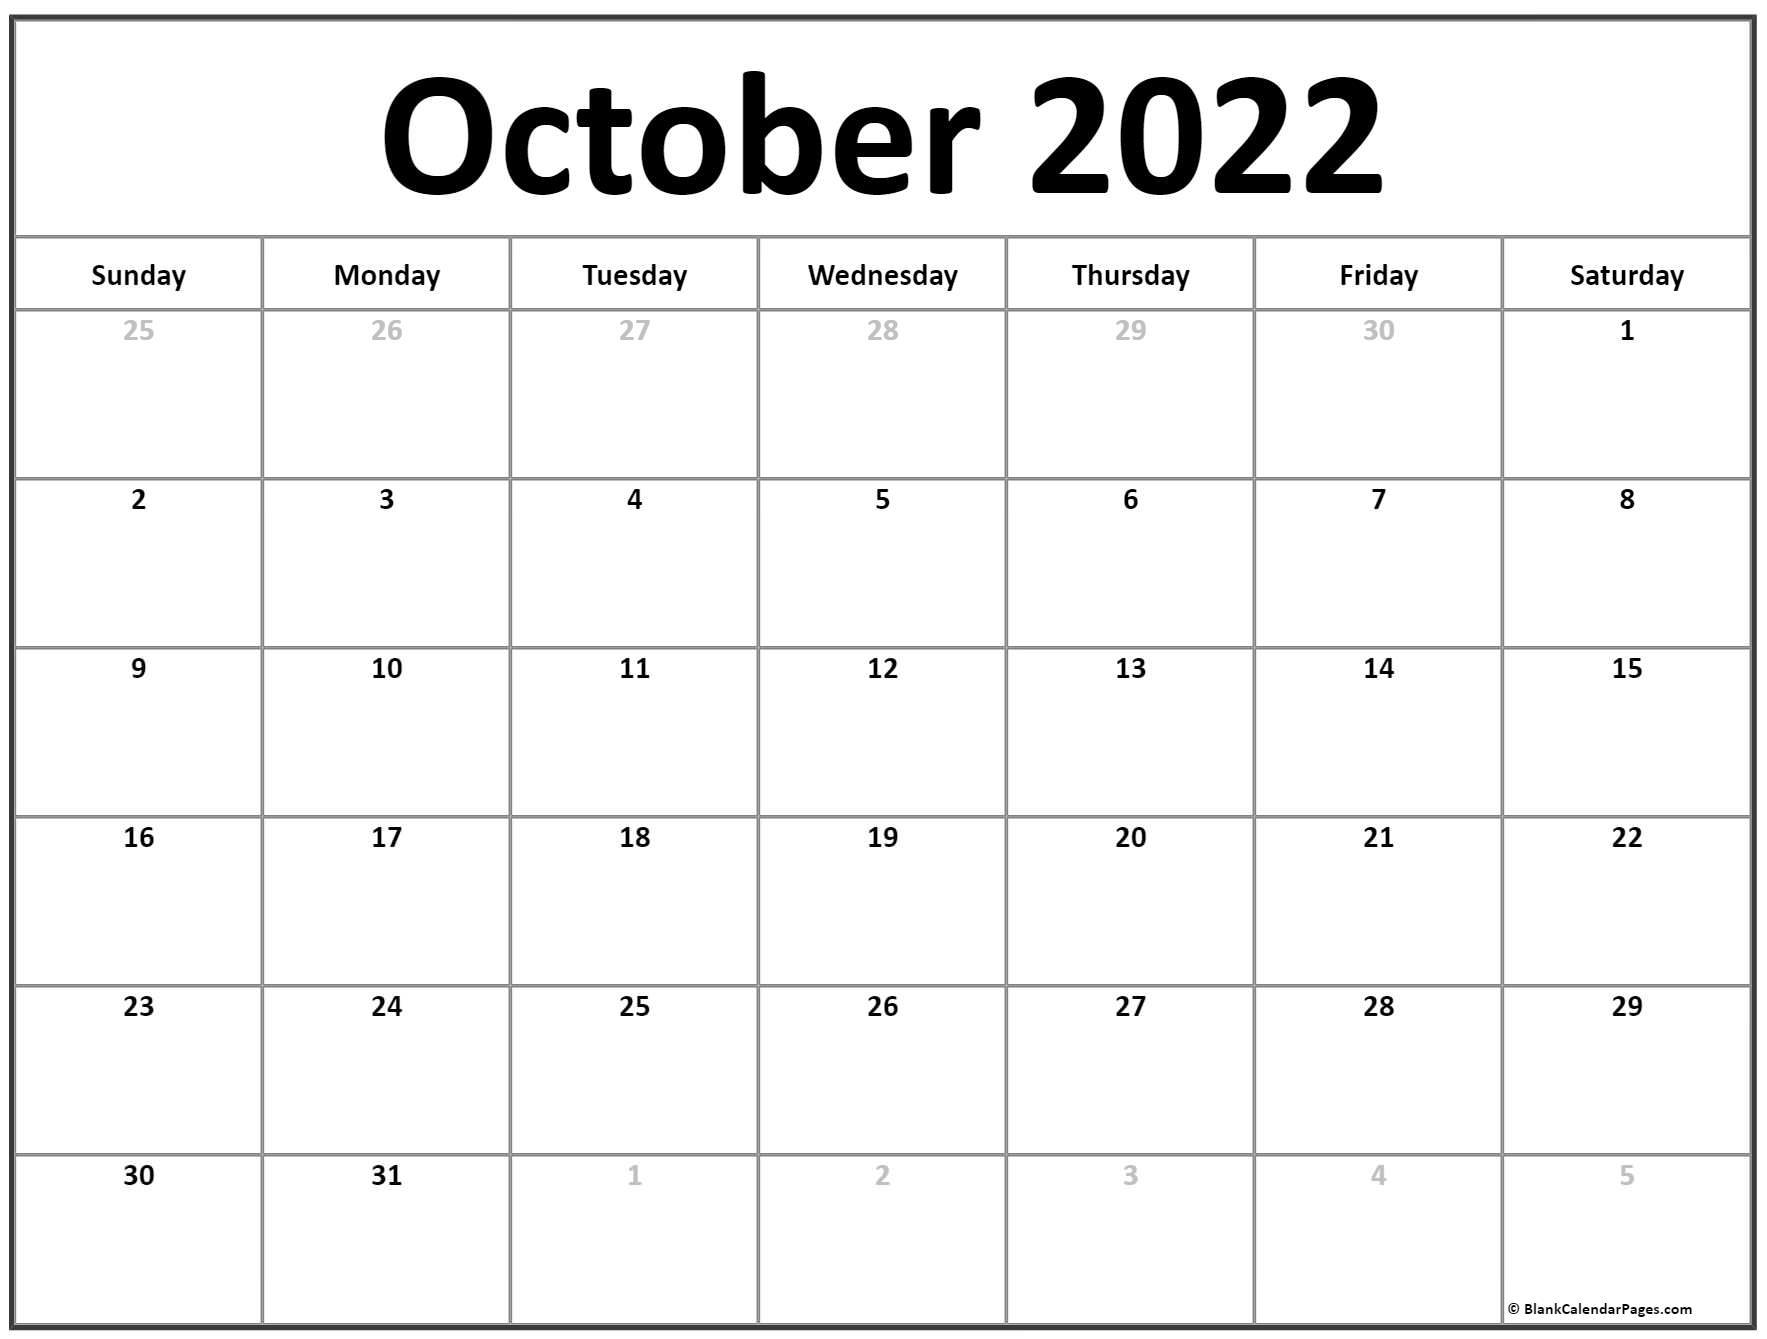 October 2022 calendar | free printable calendar templates